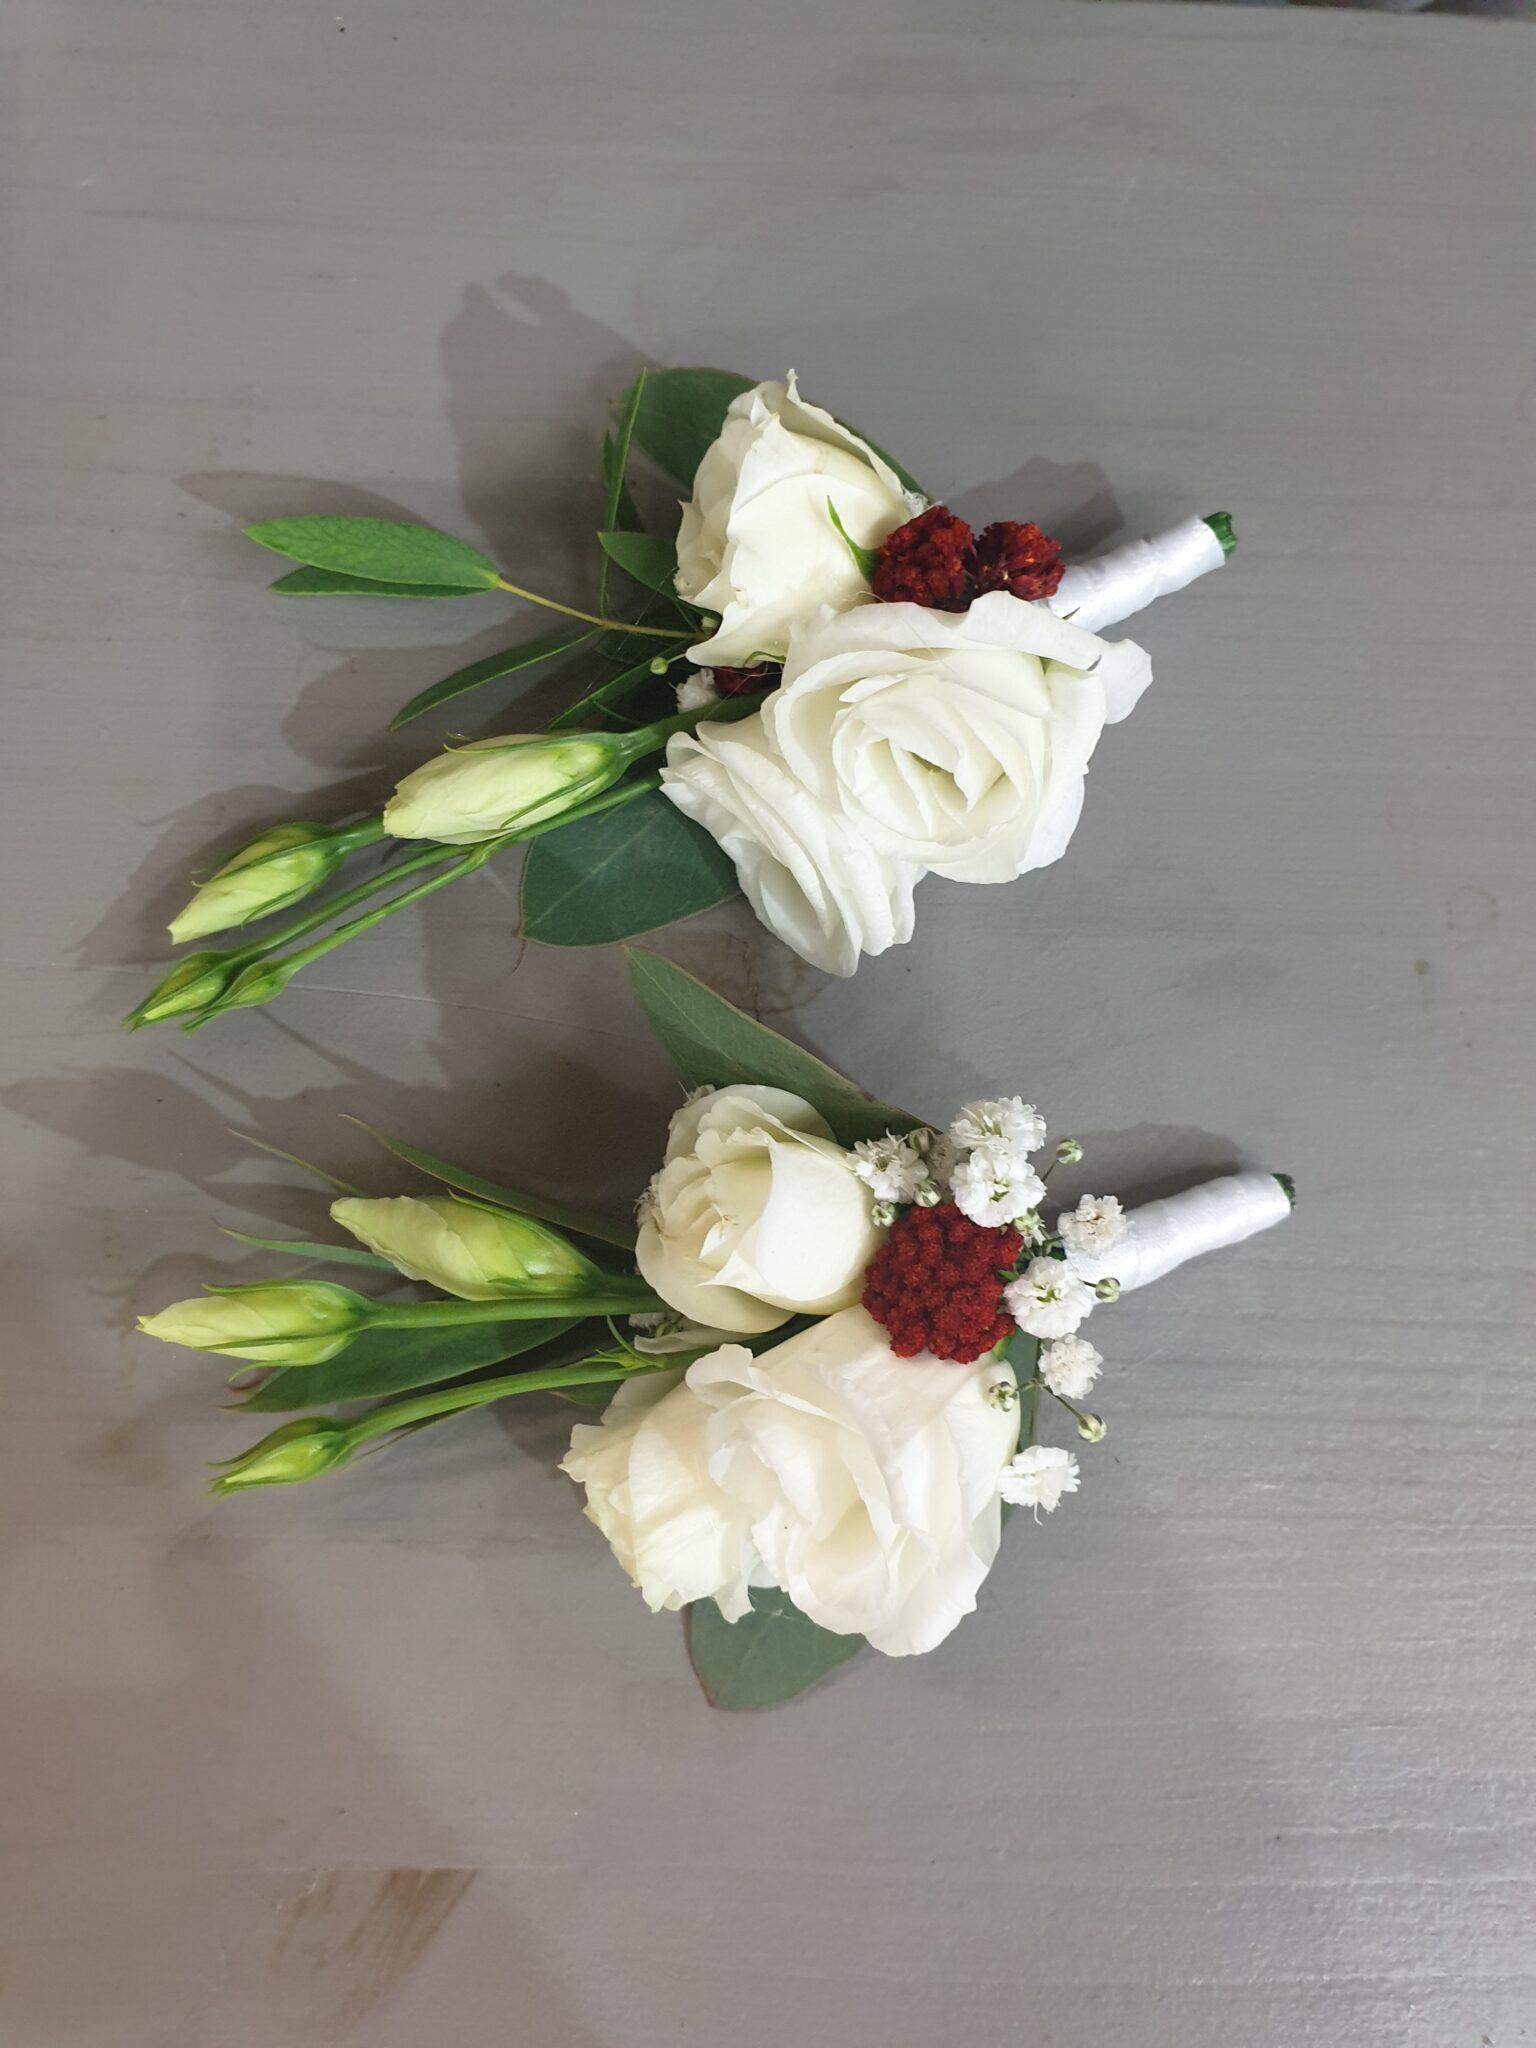 Réalisation mariageen blanc avec une touche de rouge, classique un brin sauvage.  ... [https://www.mariedanede.fr/blog/realisations/realisation-mariage/]